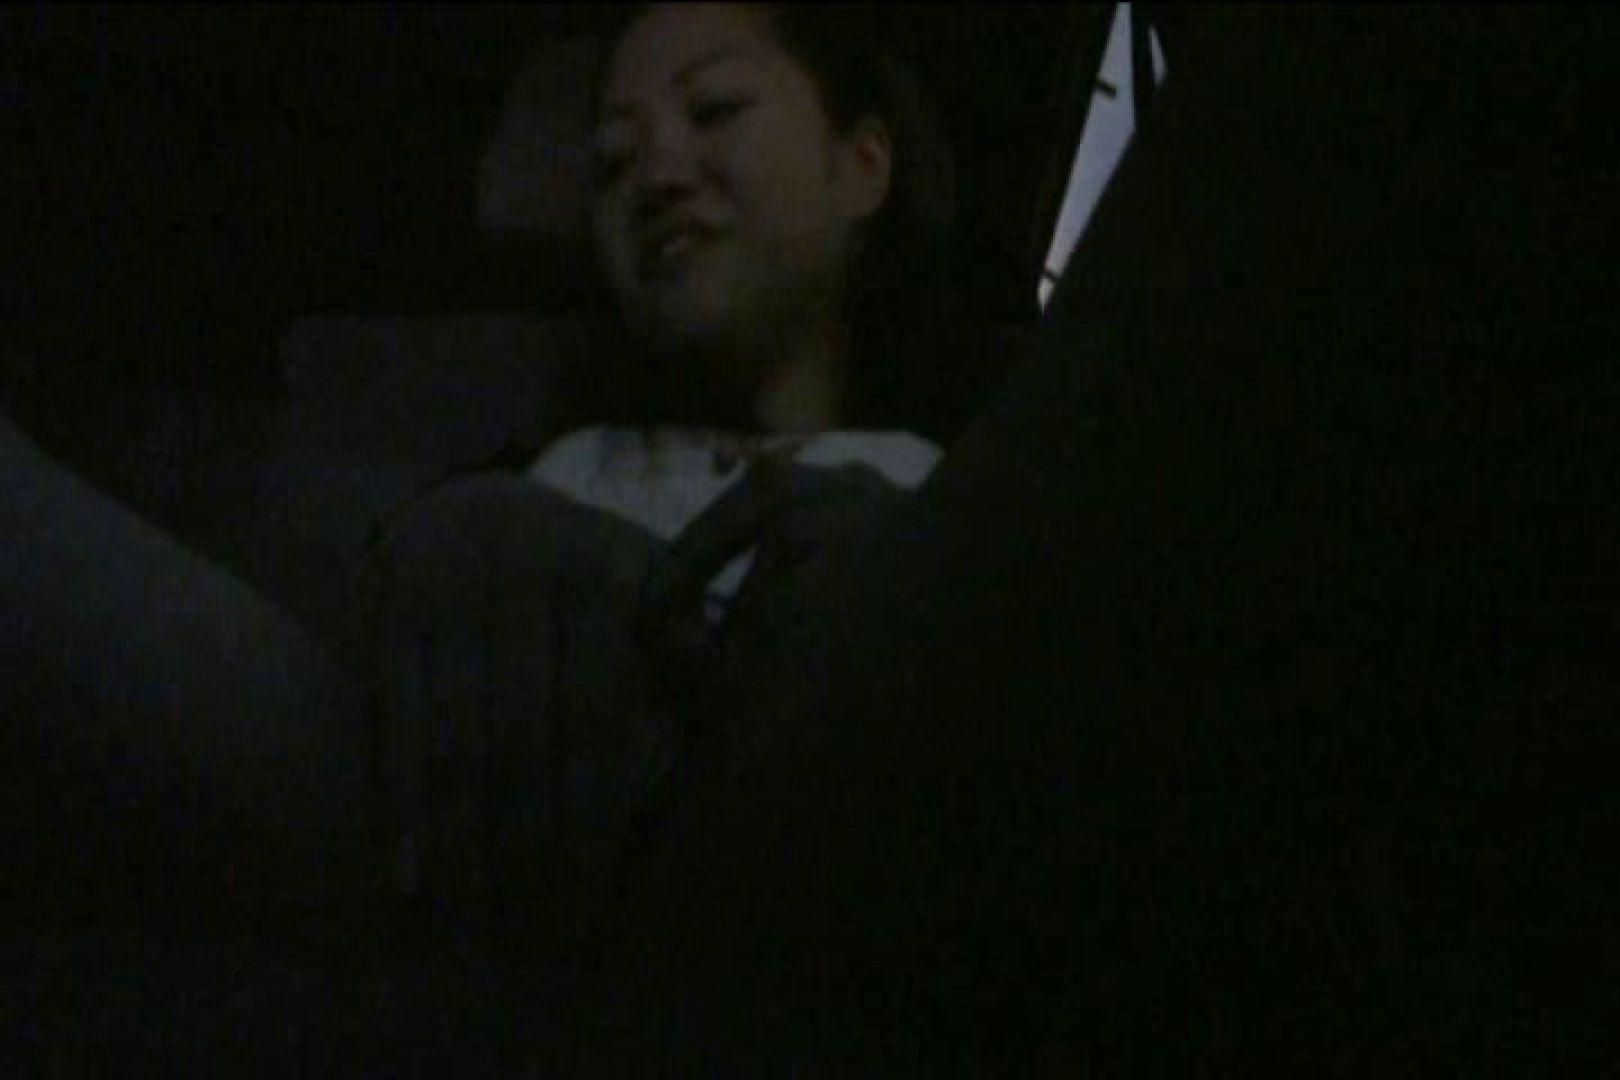 車内で初めまして! vol01 ハプニング   盗撮  68pic 60